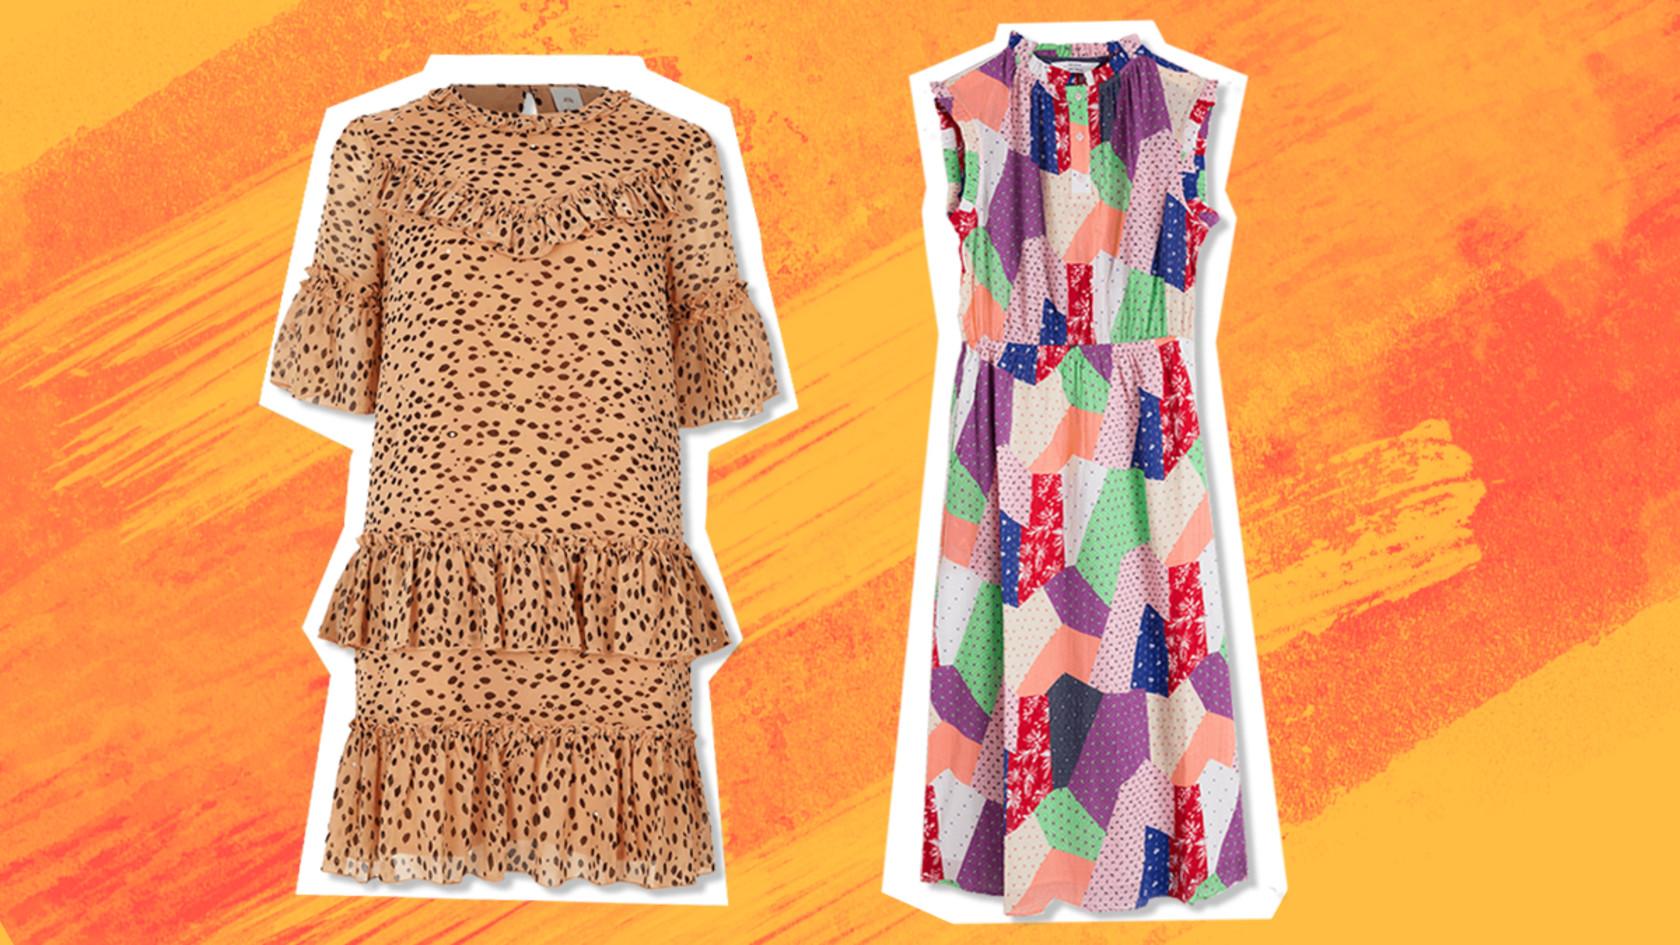 Cutout dresses 1200x675